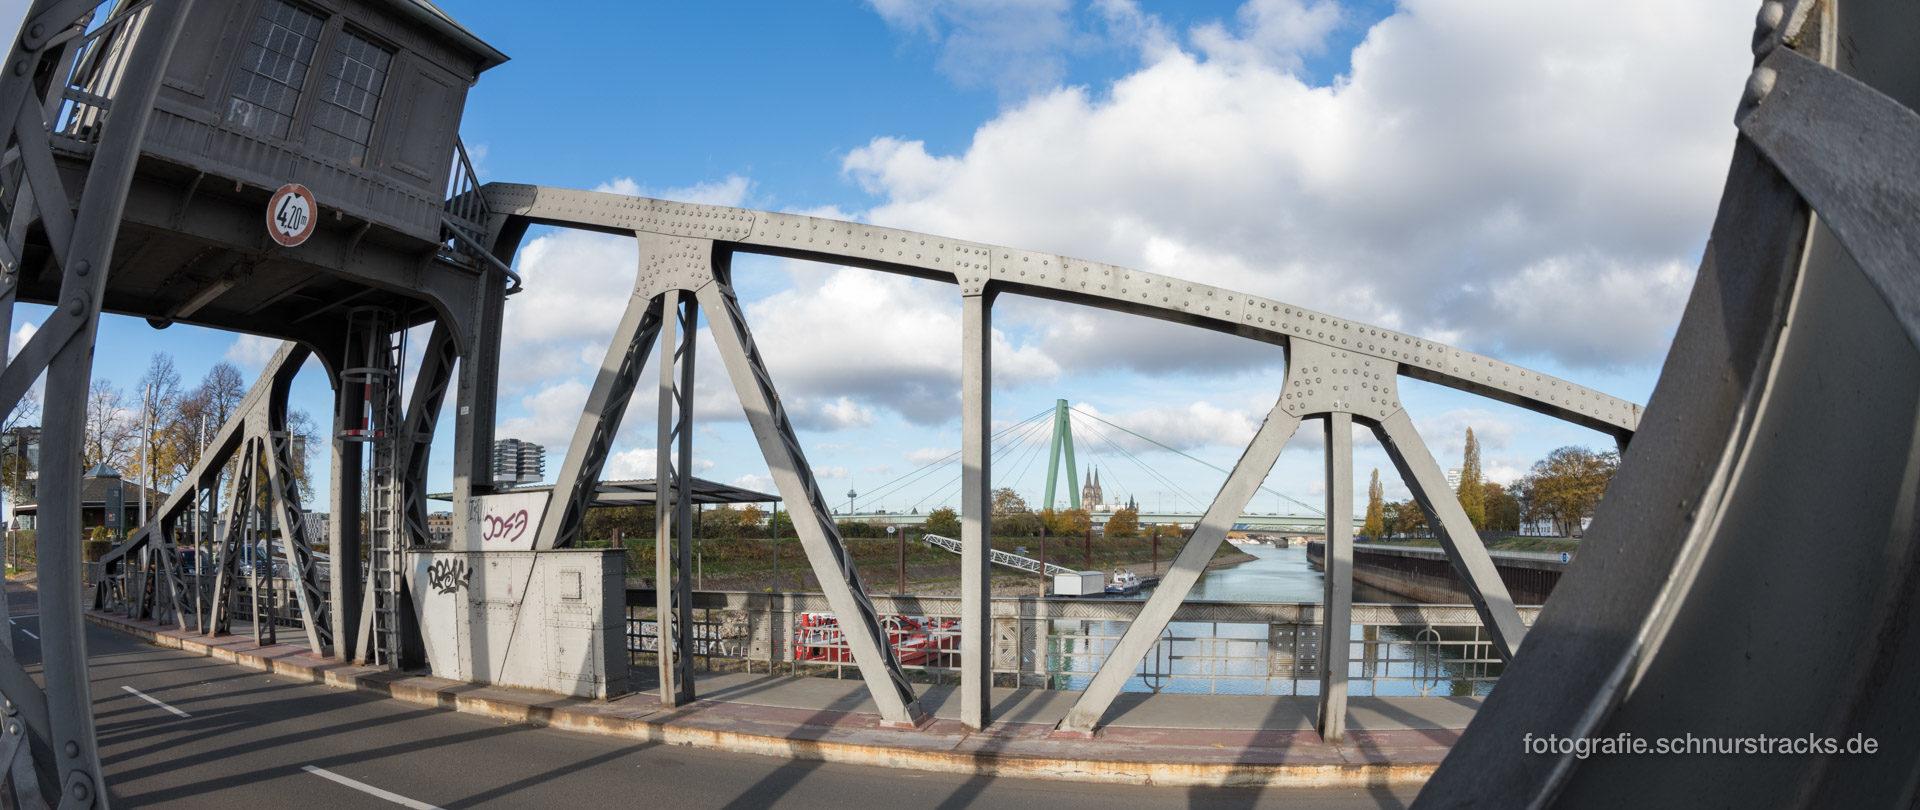 Drehbrücke #5943